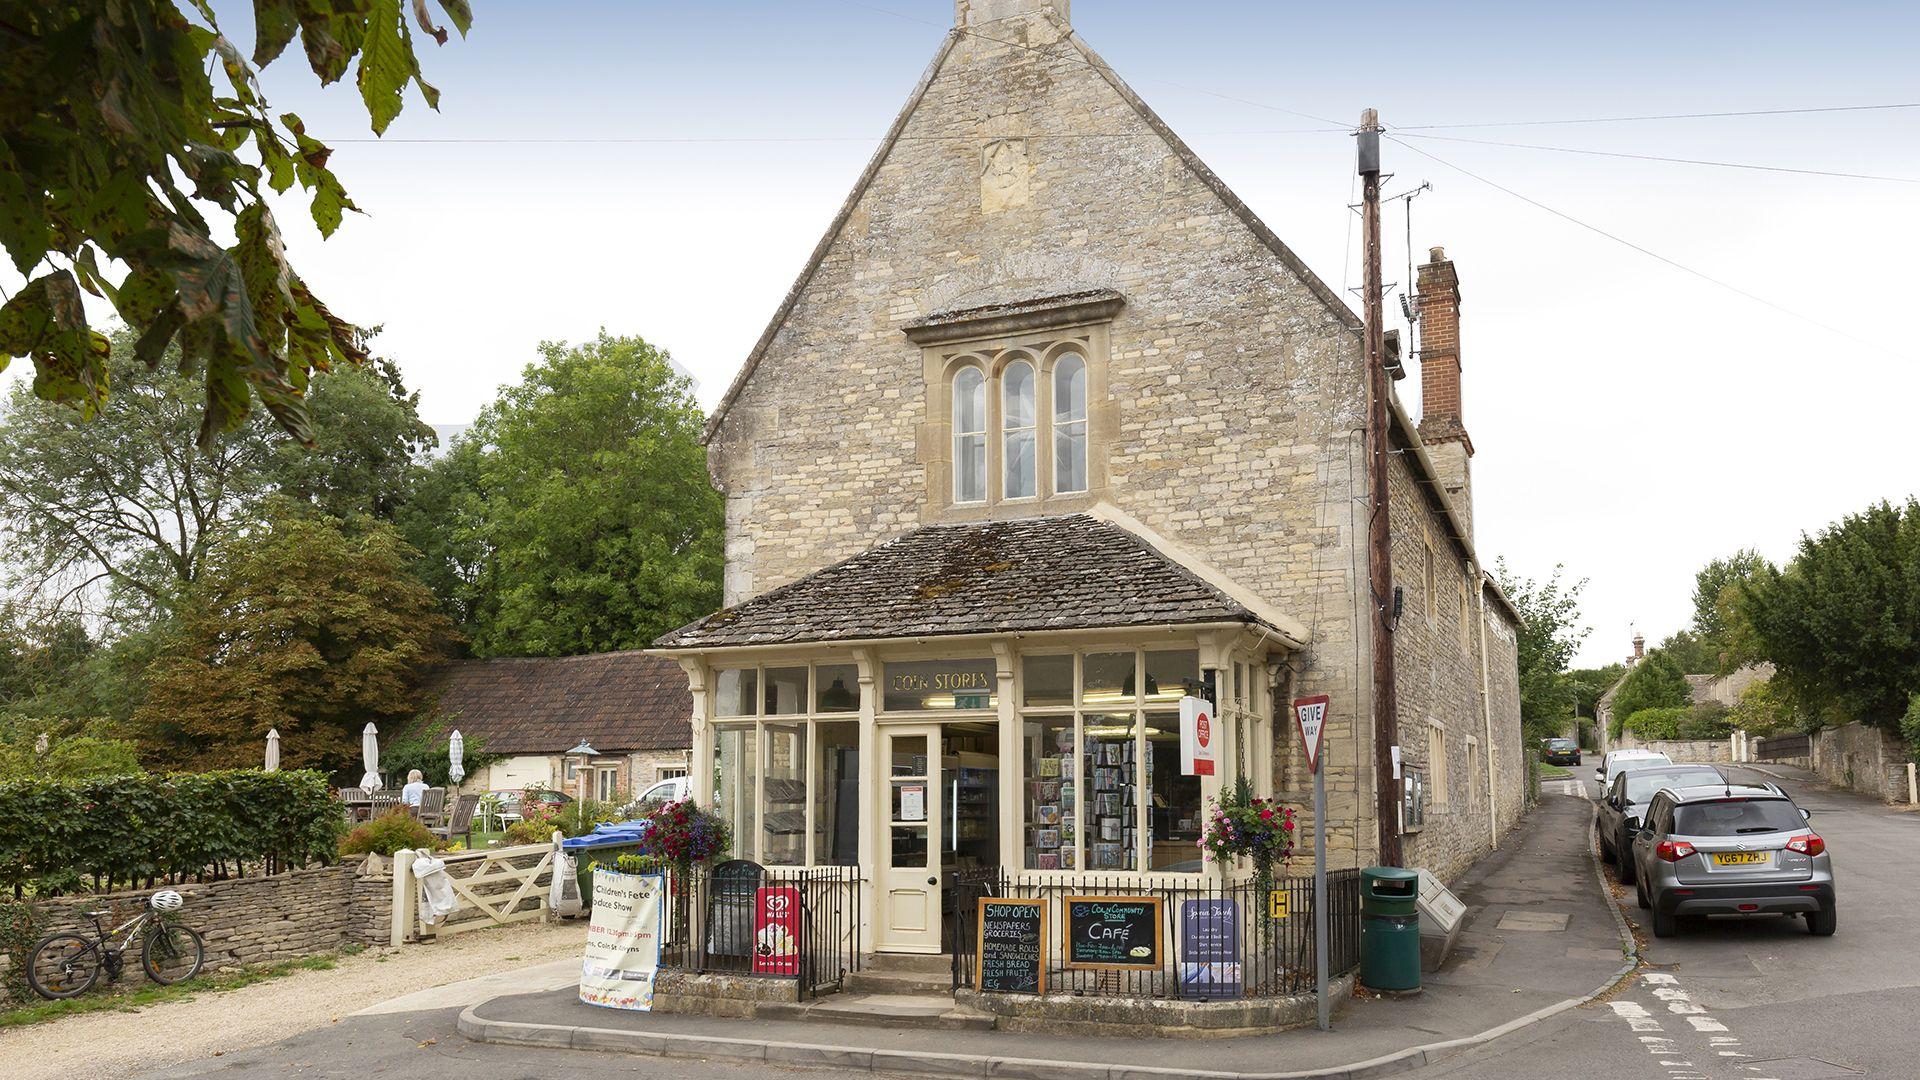 Coln village shop, Meadow View 2, Bolthole Retreats